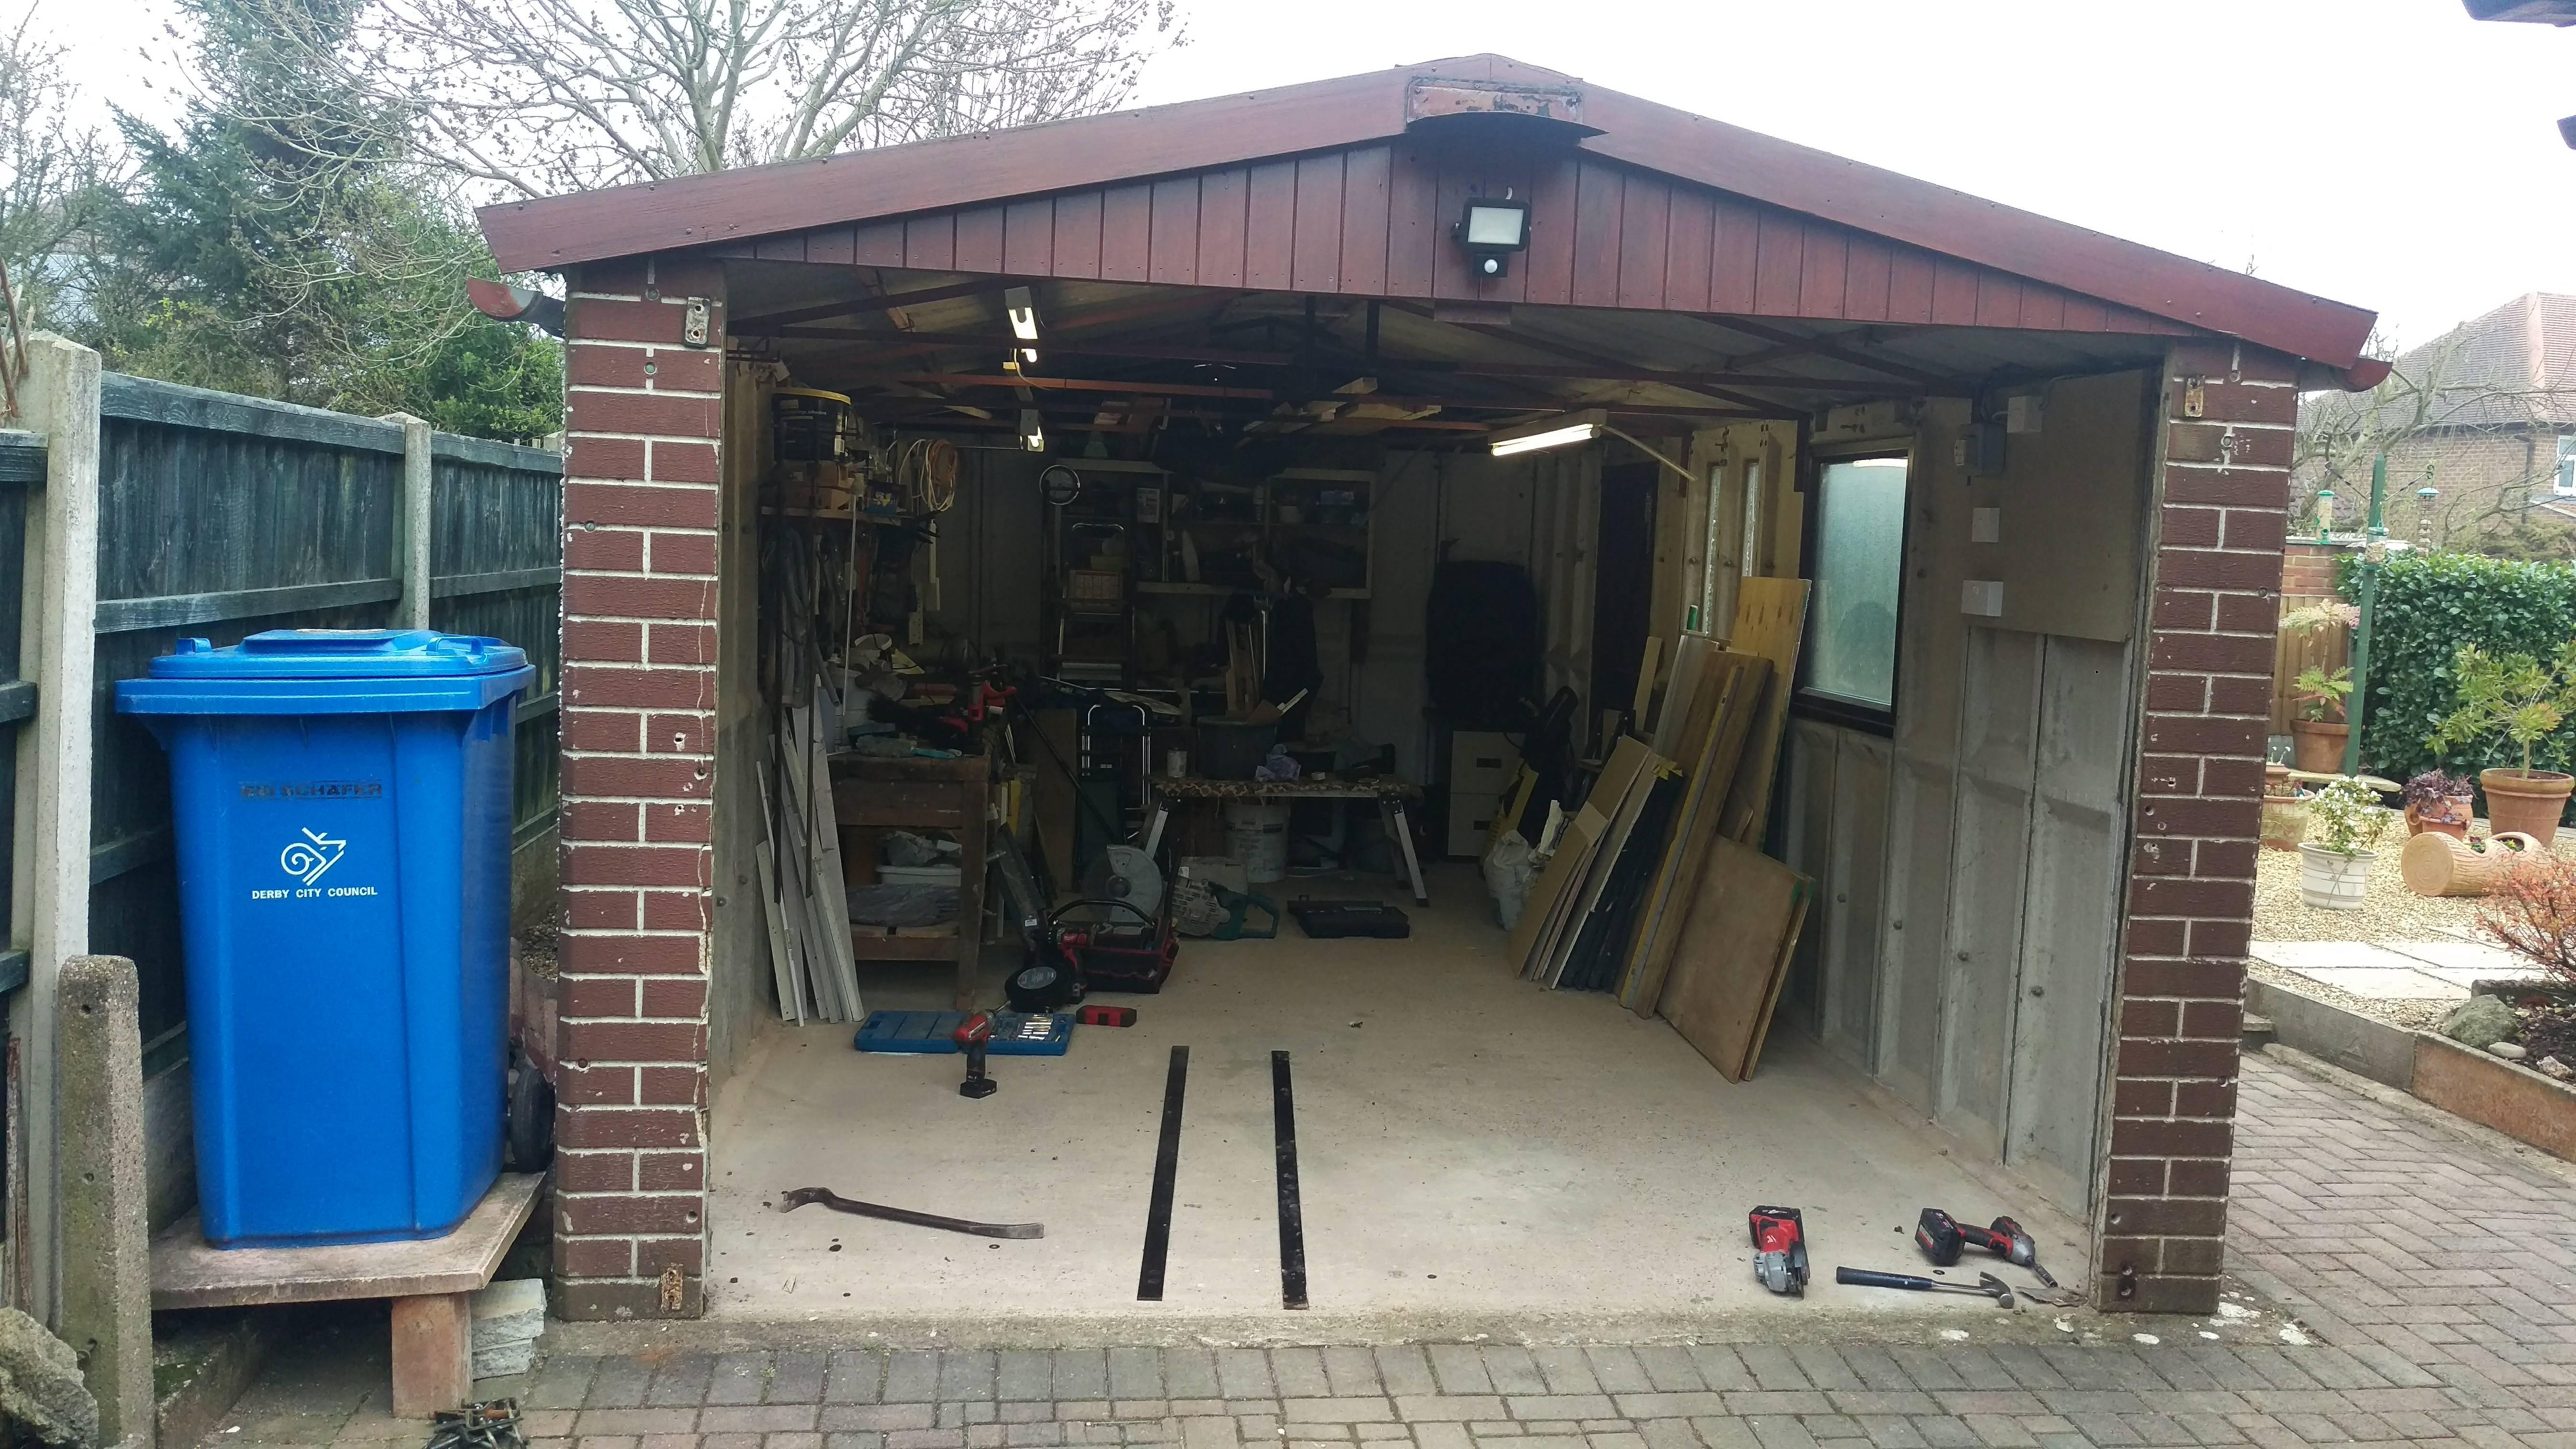 ntx installation door doors openers gates opener garage automatic dallas